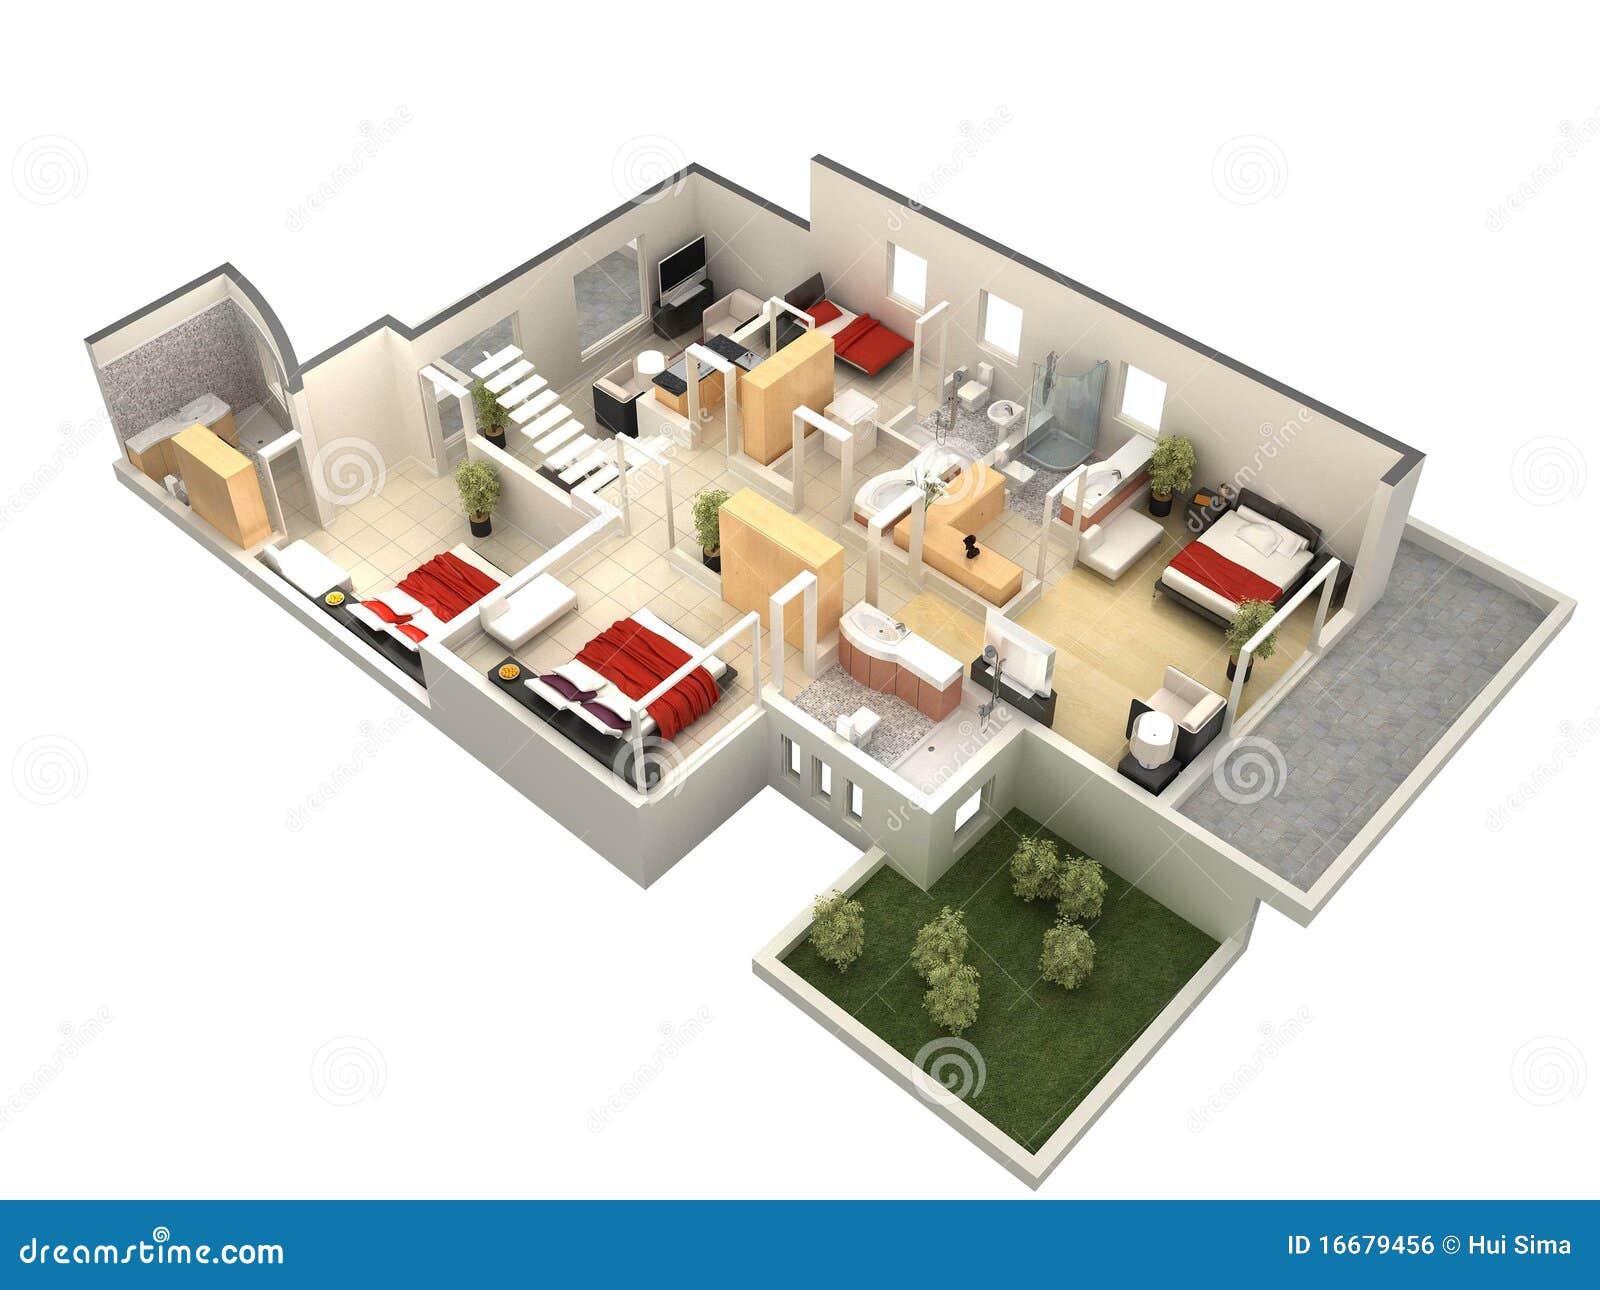 Moderne villa grundriss 3d  Grundriss 3d Lizenzfreie Stockfotografie - Bild: 37626497